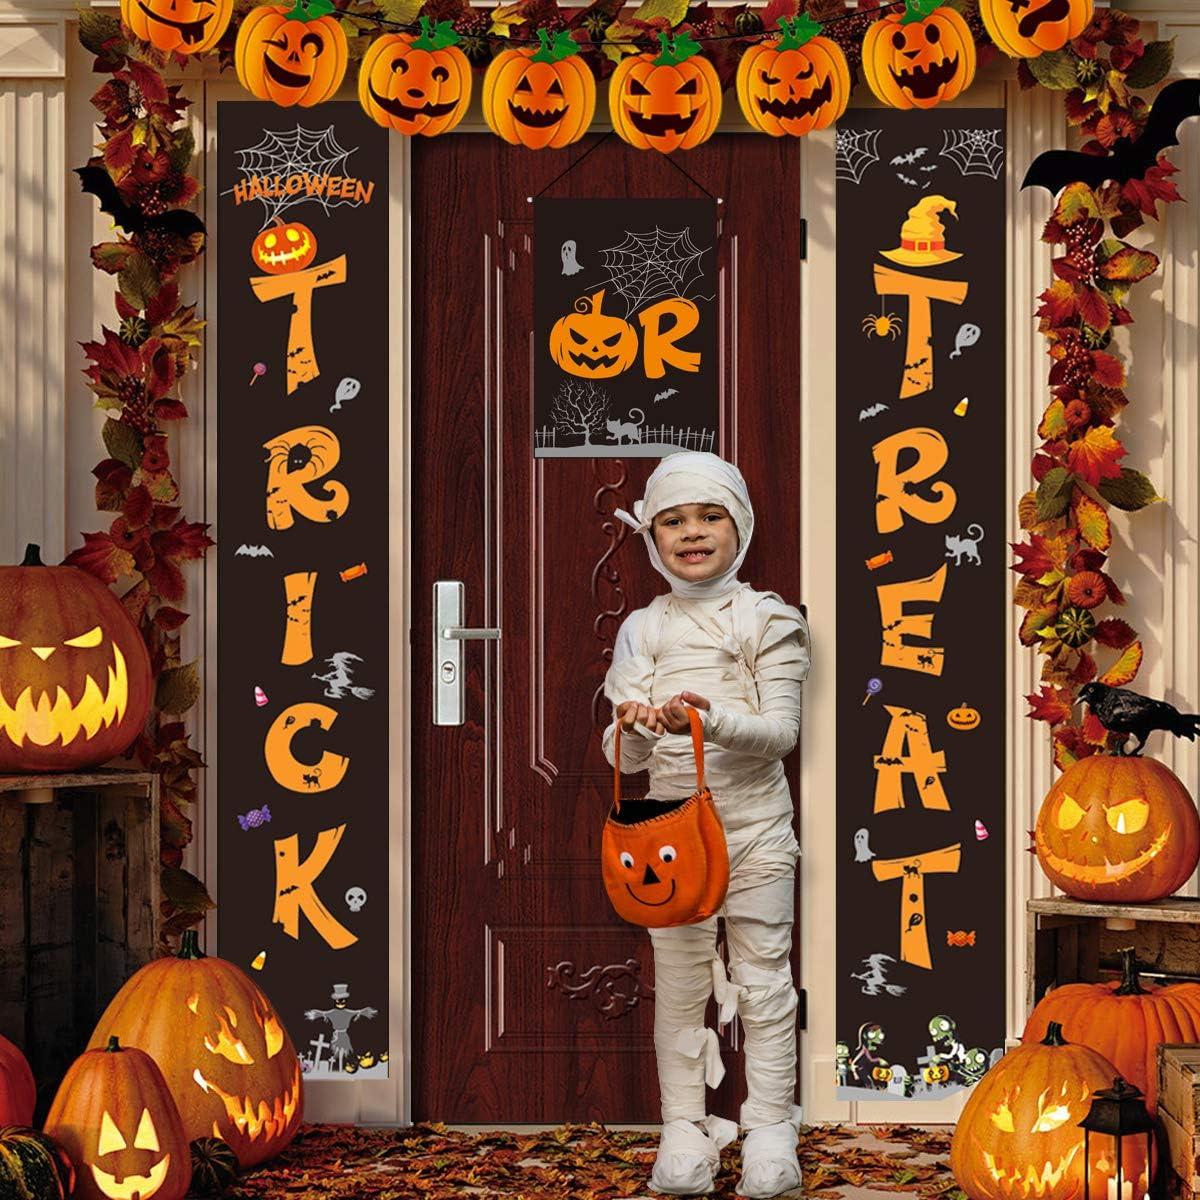 Idefair Halloween Decorations Outdoor, Halloween Banner Trick or Treat Halloween Porch Sign Hanging Banner for Front Door Indoor Home Party Decor with Pumpkin Bat